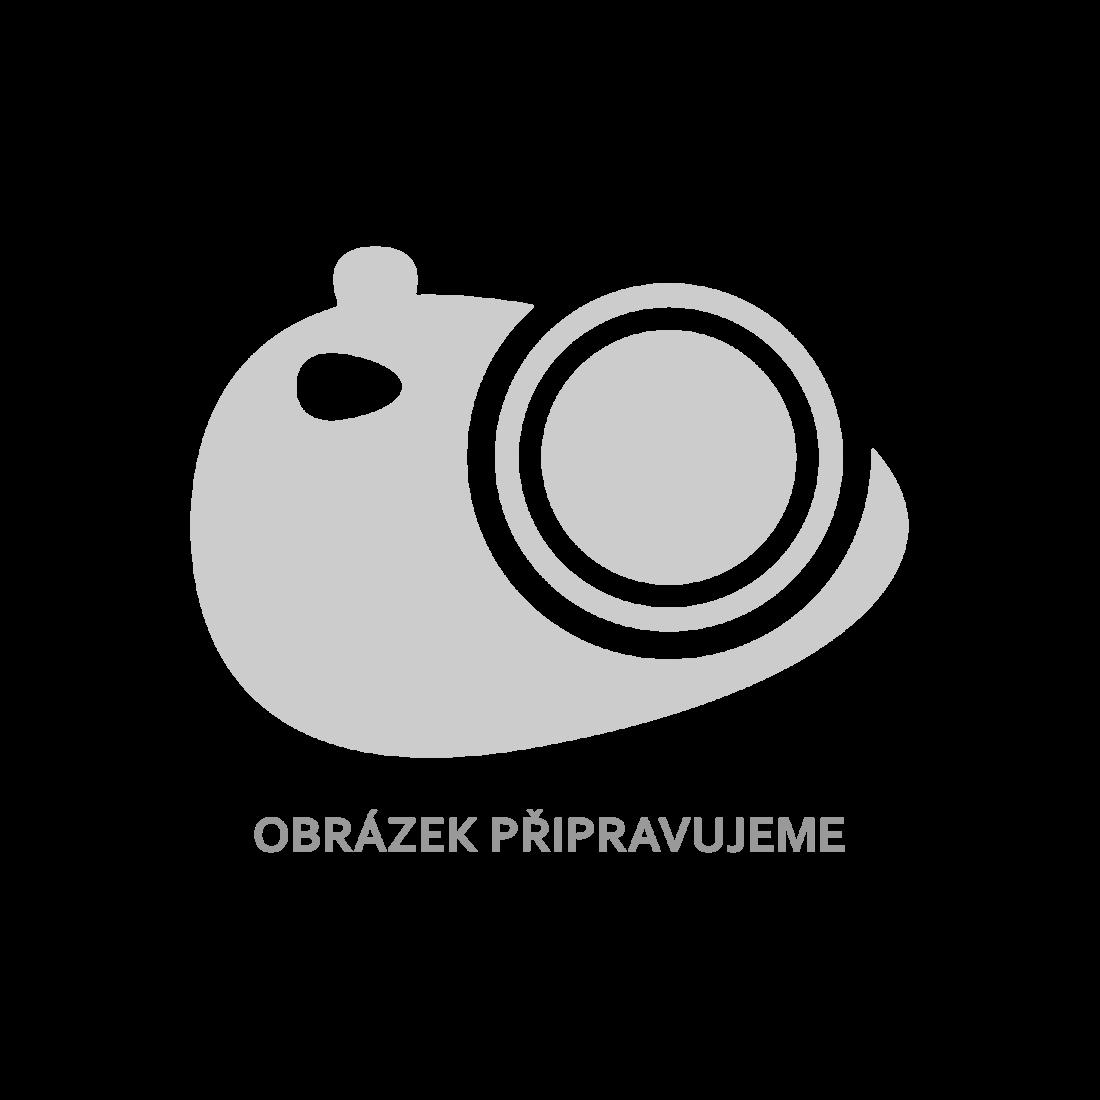 vidaXL 2dílná zahradní sedací souprava masivní borové dřevo [805695]